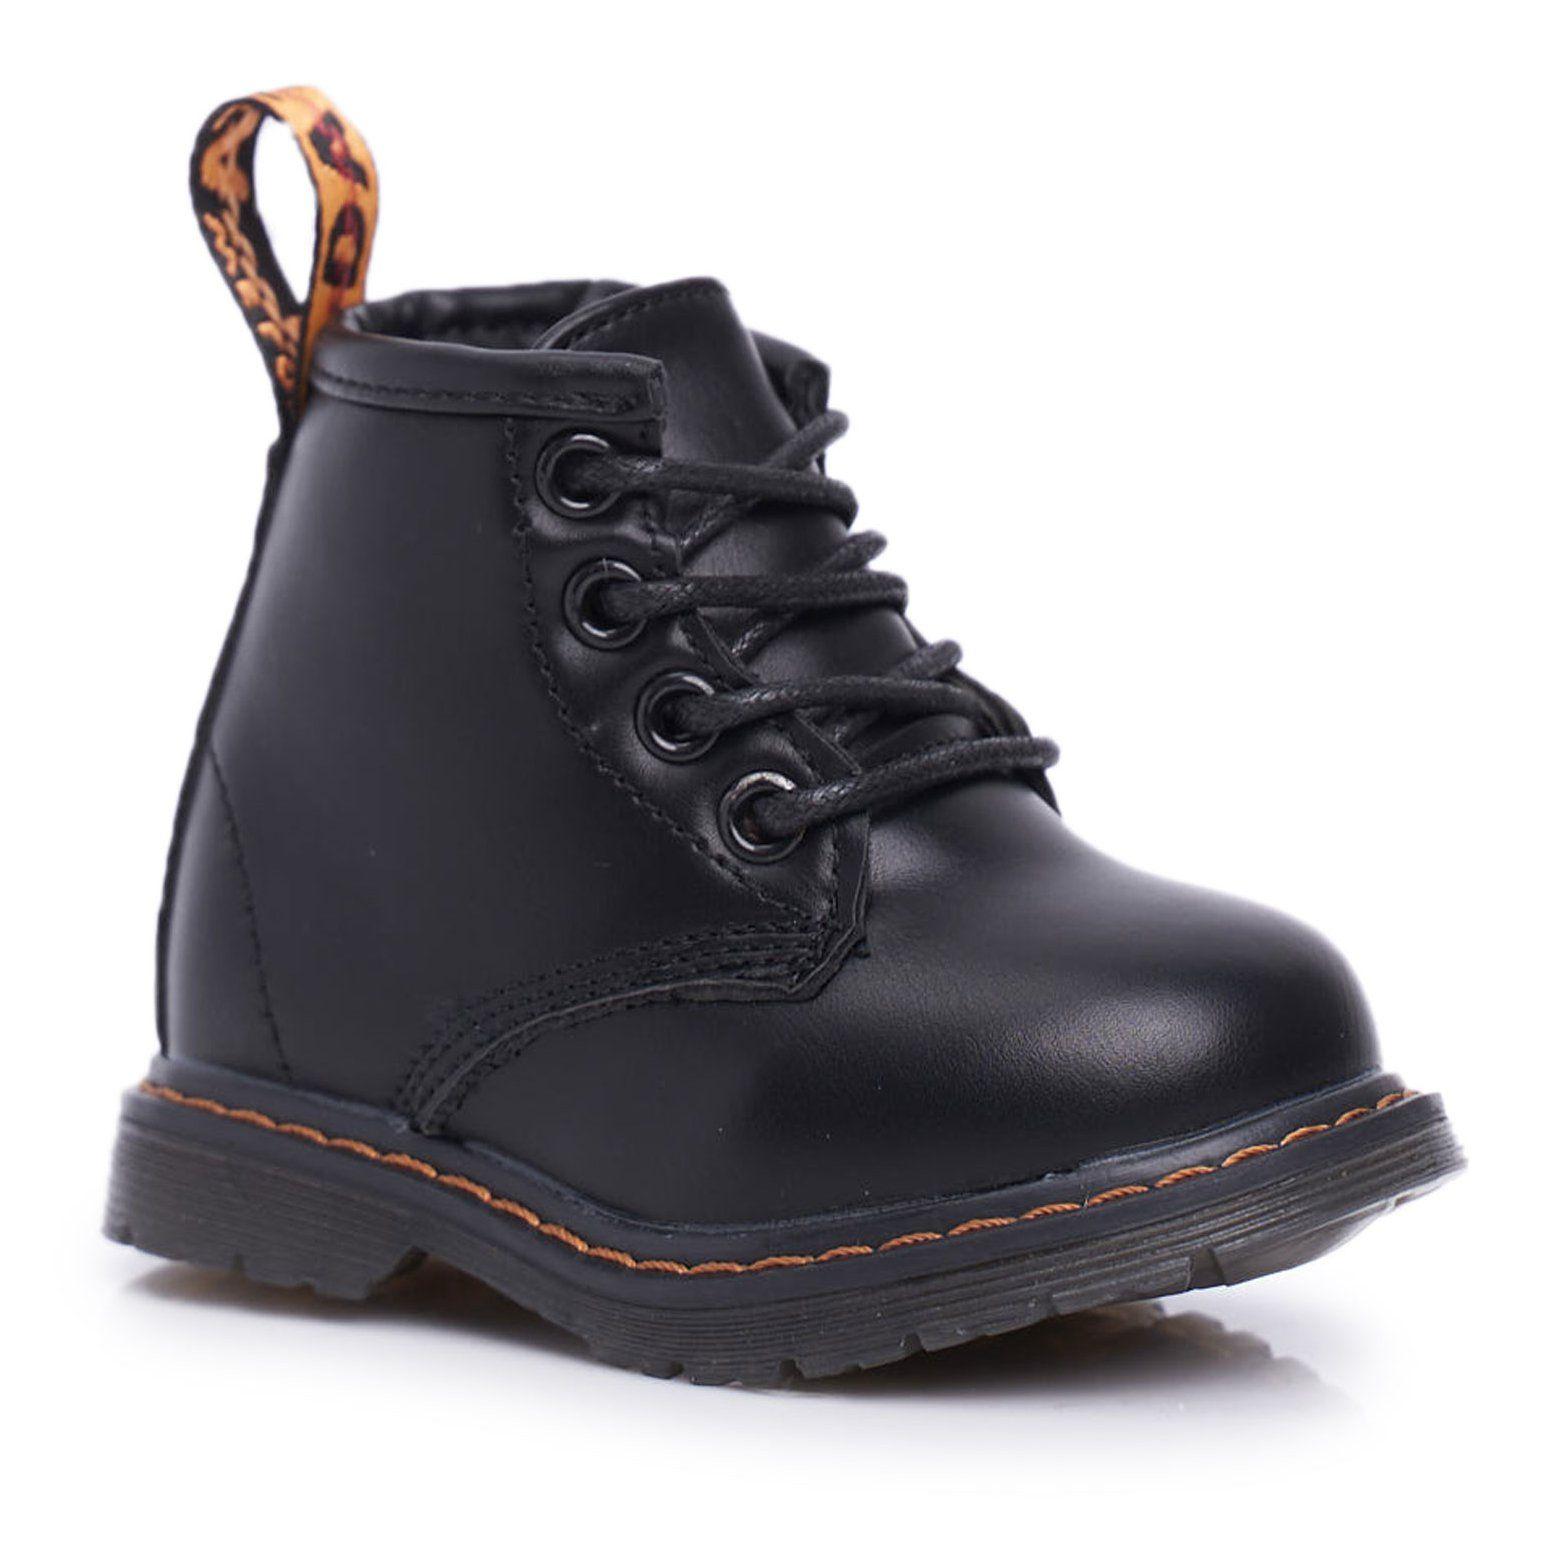 Frrock Dzieciece Mlodziezowe Botki Ocieplane Z Suwakiem Czarne Goopy Combat Boots Boots Dr Martens Boots